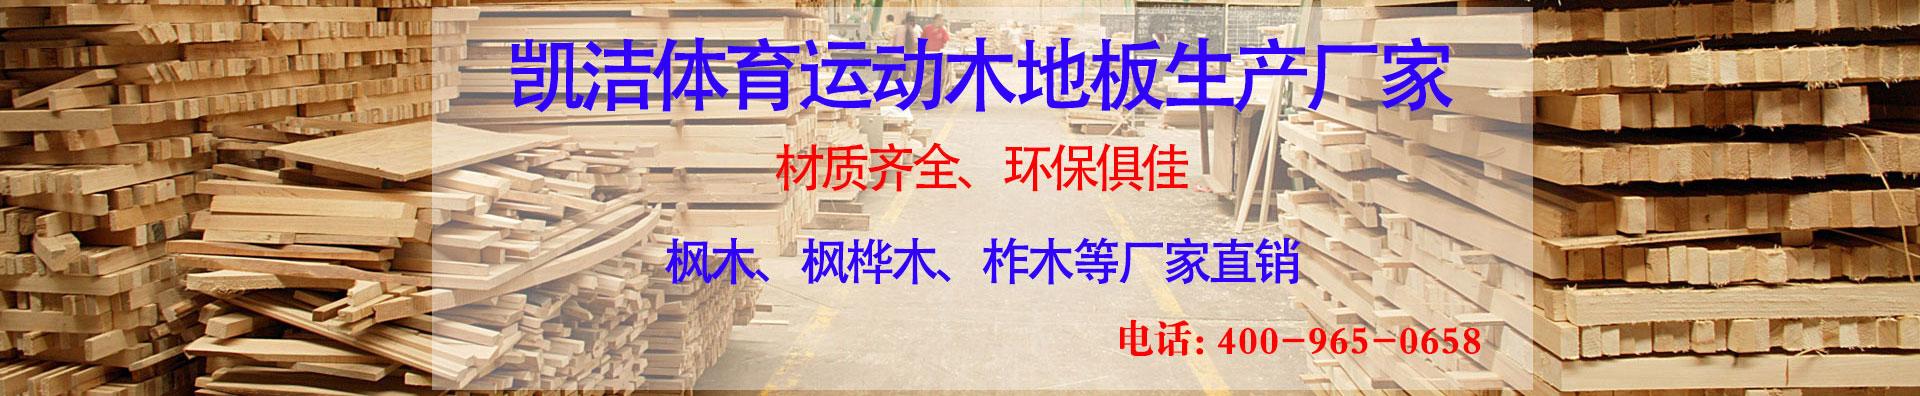 羽毛球活动中心long8龙8国际_凯洁运动long8龙8国际